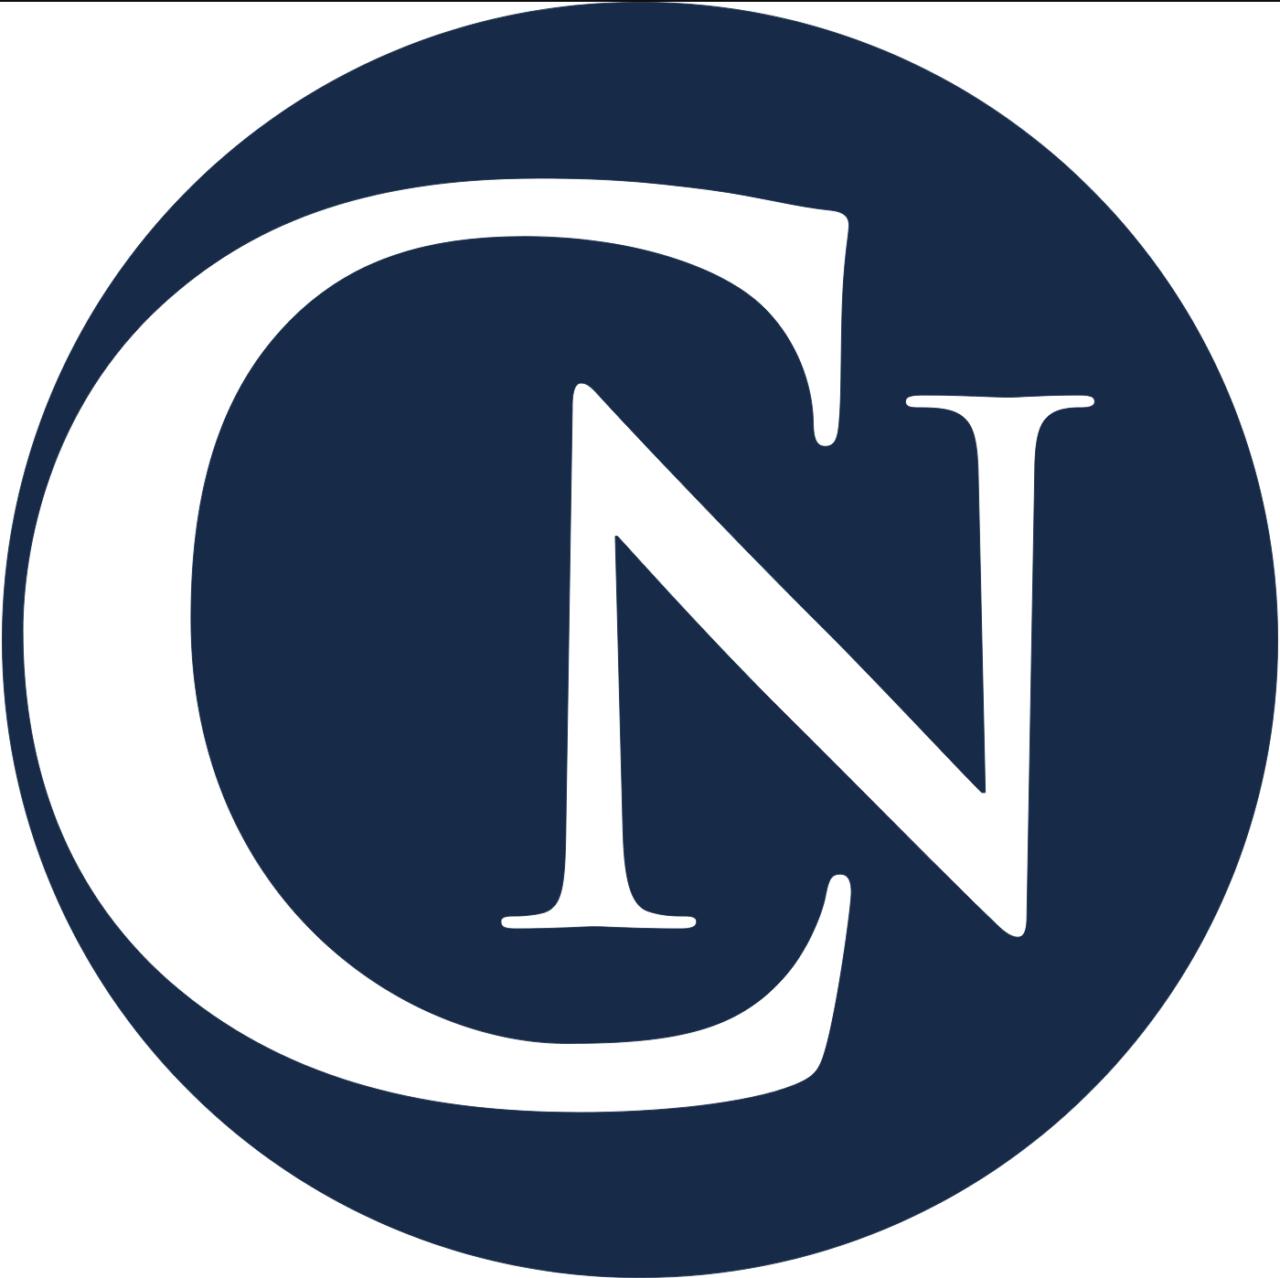 CN_logo-1280x1278.png